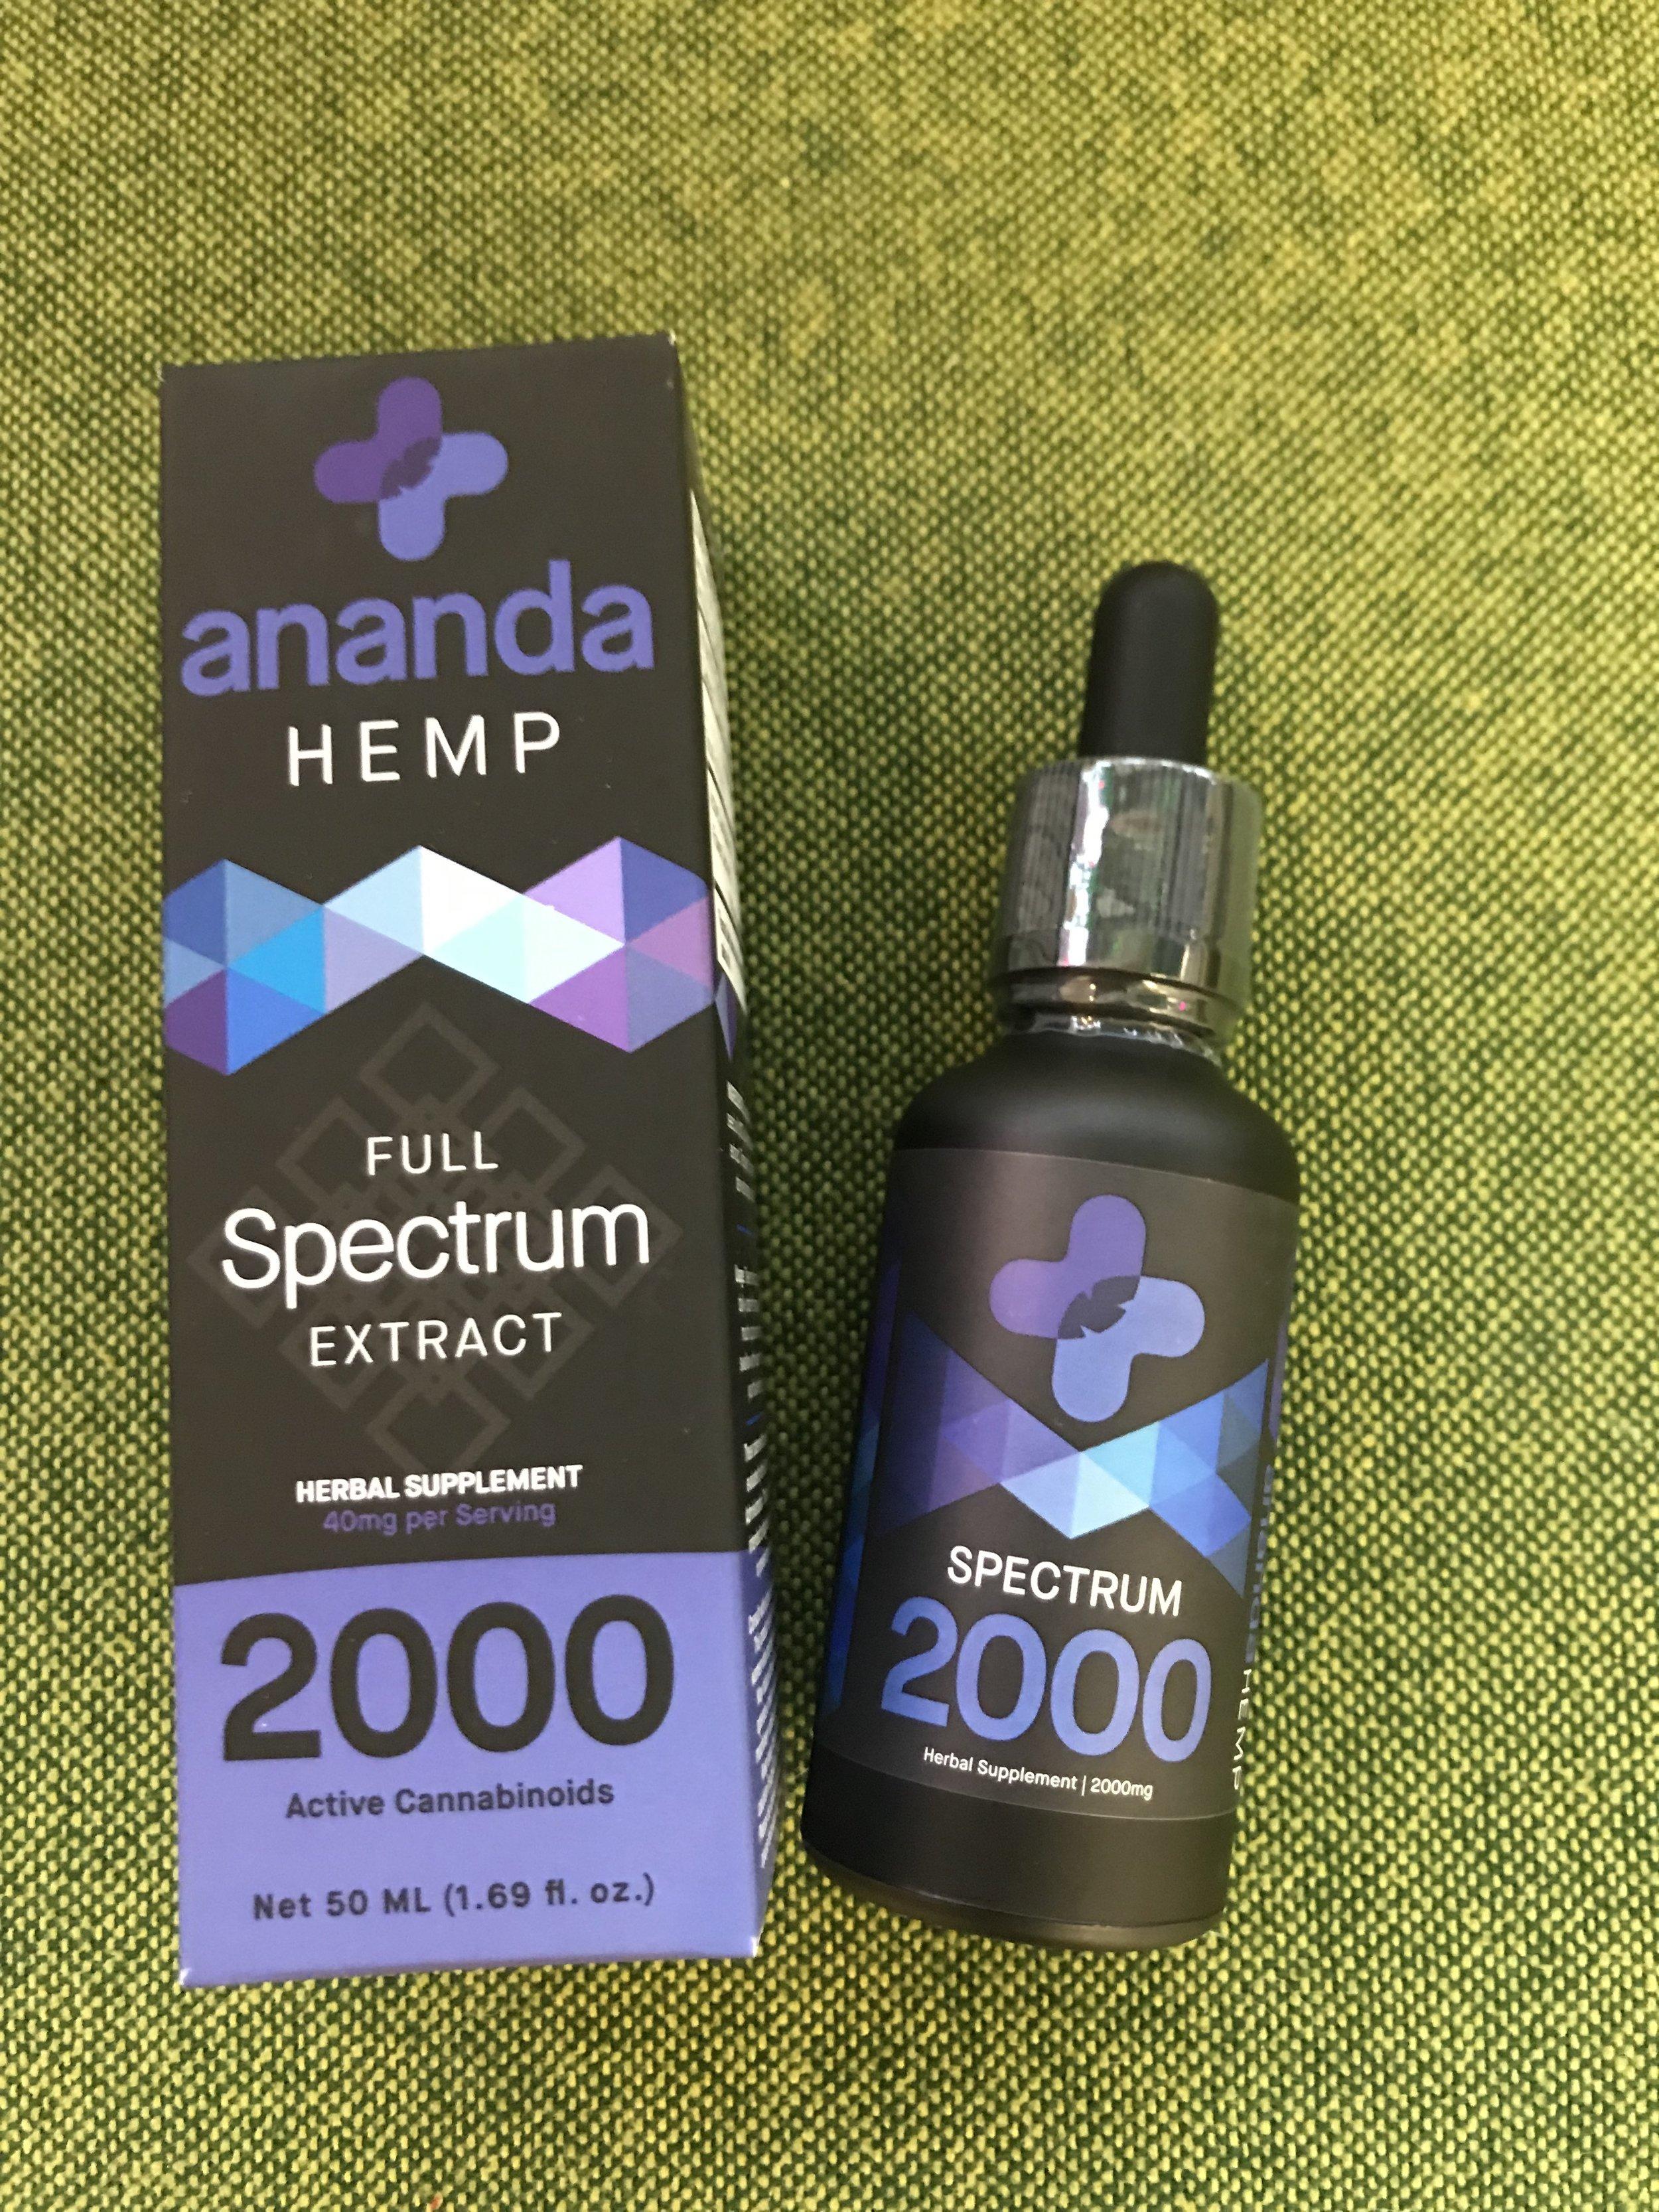 Ananda Full Spectrum 2000mg - $230.00